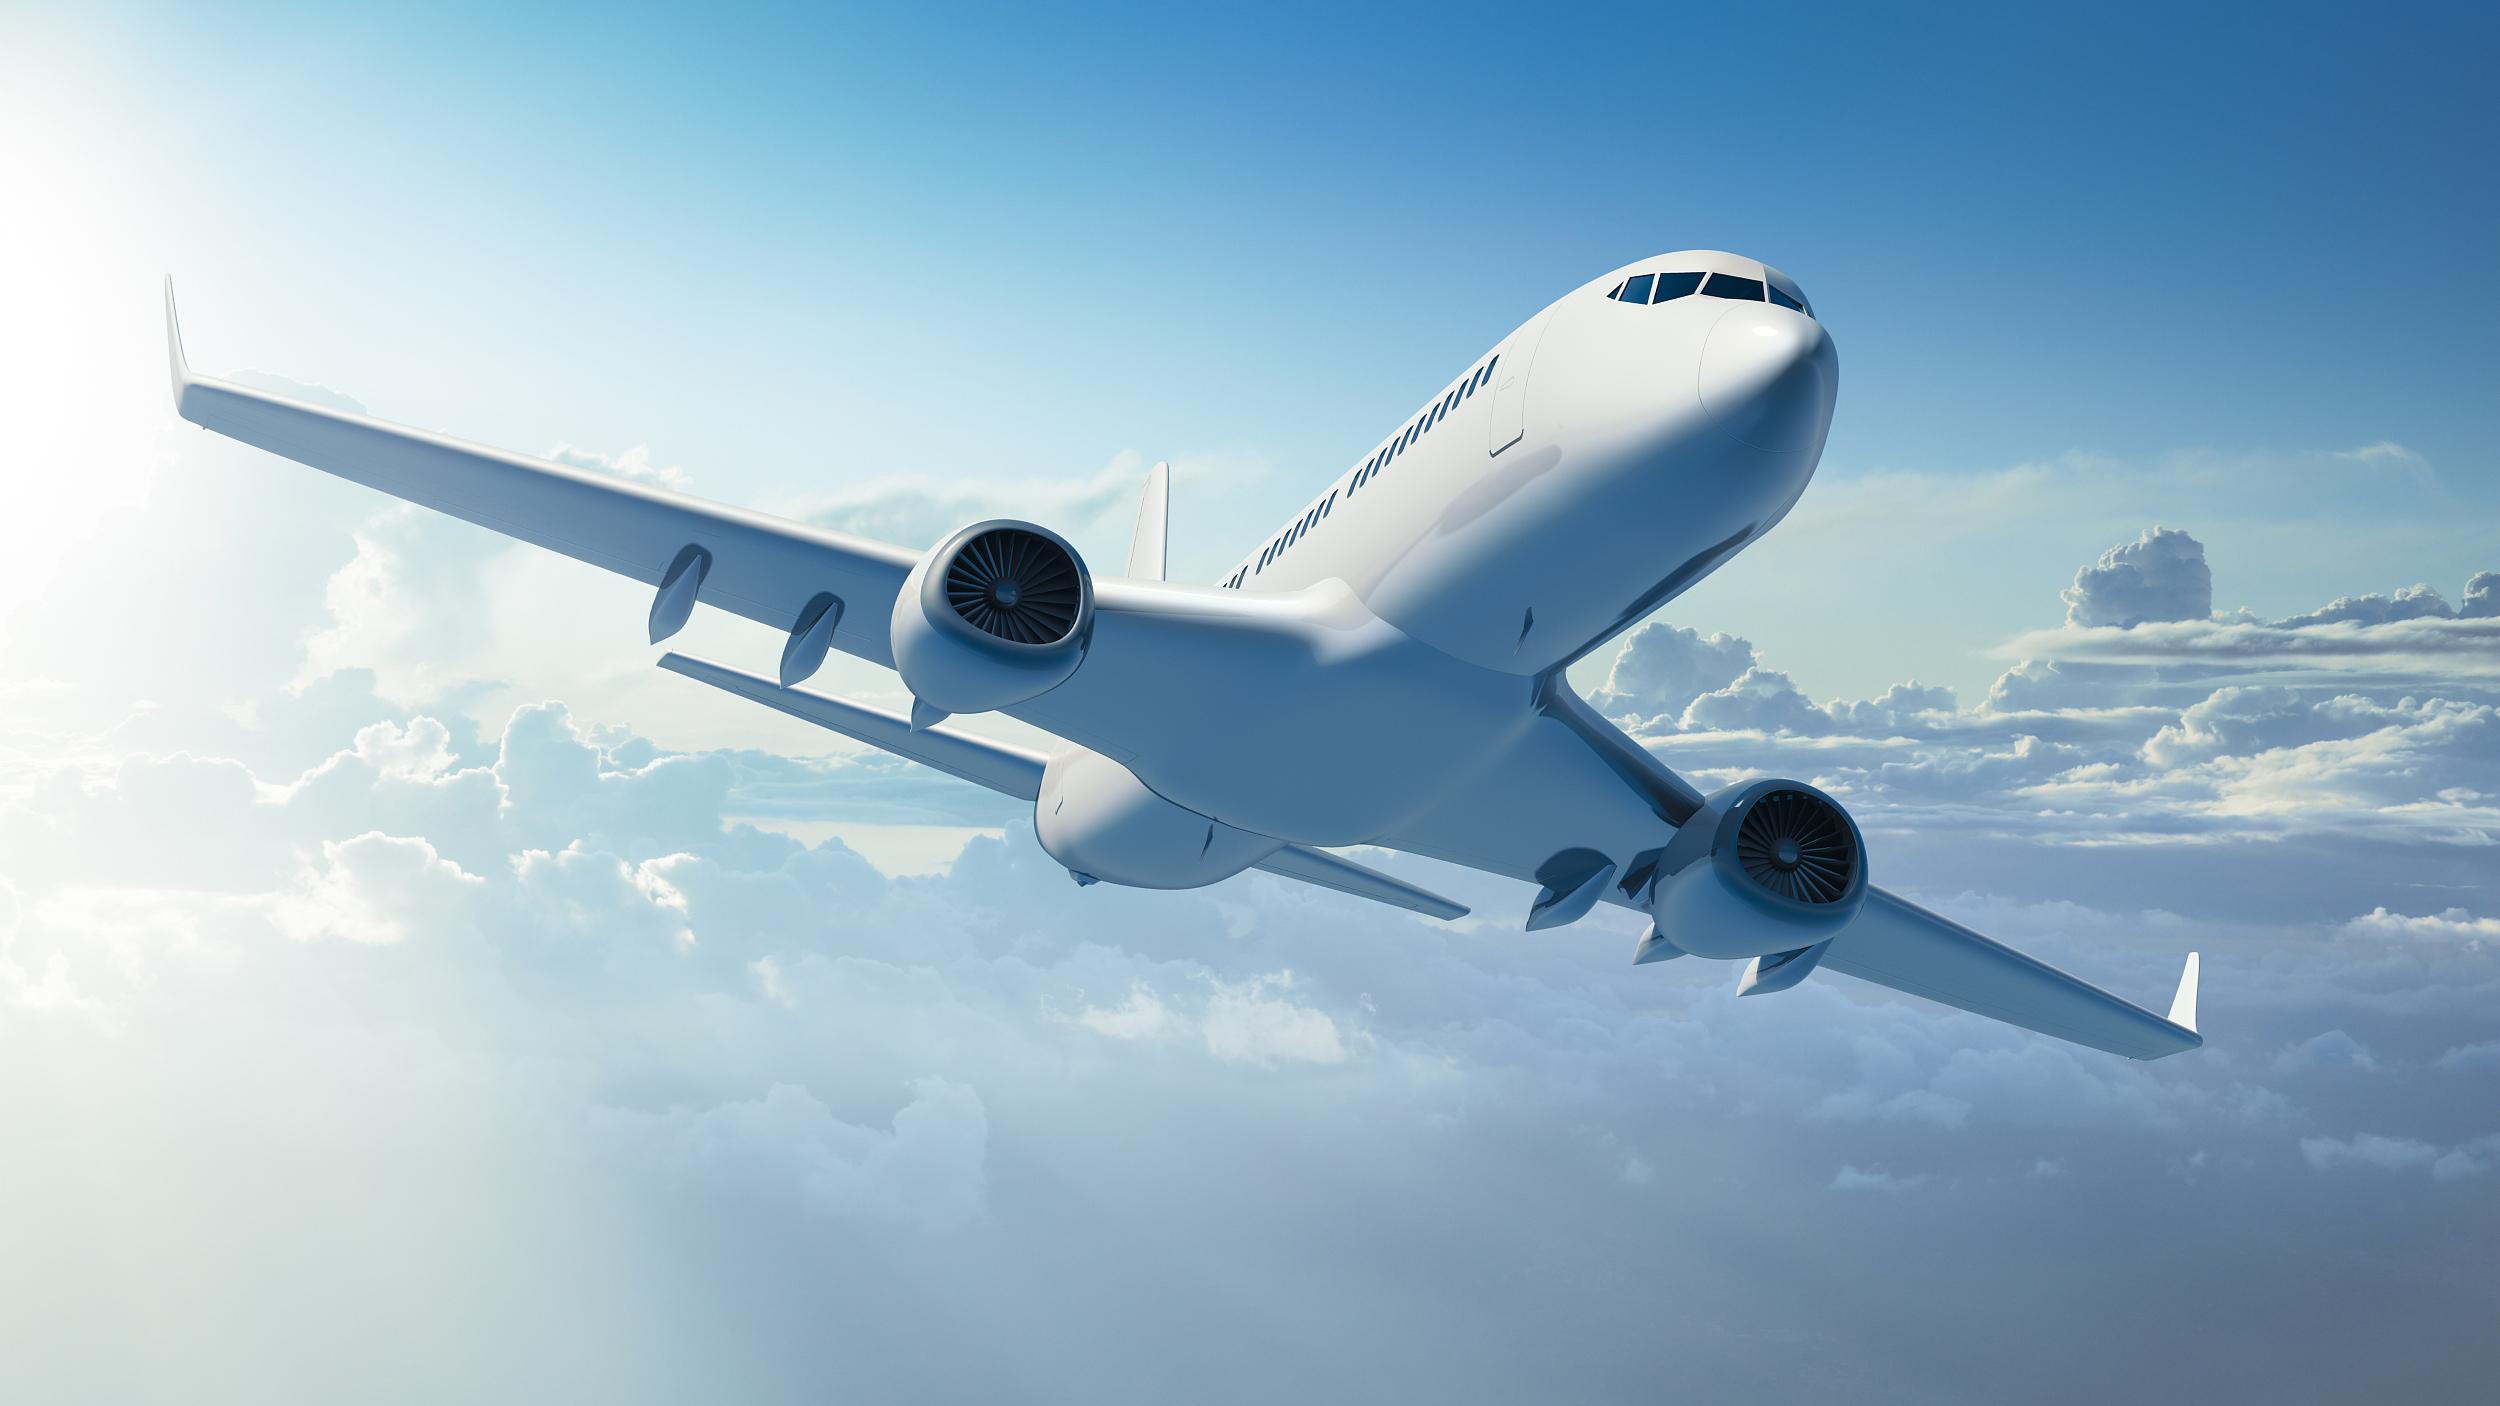 Webinar: An update on Model Clause development in the Aviation Market